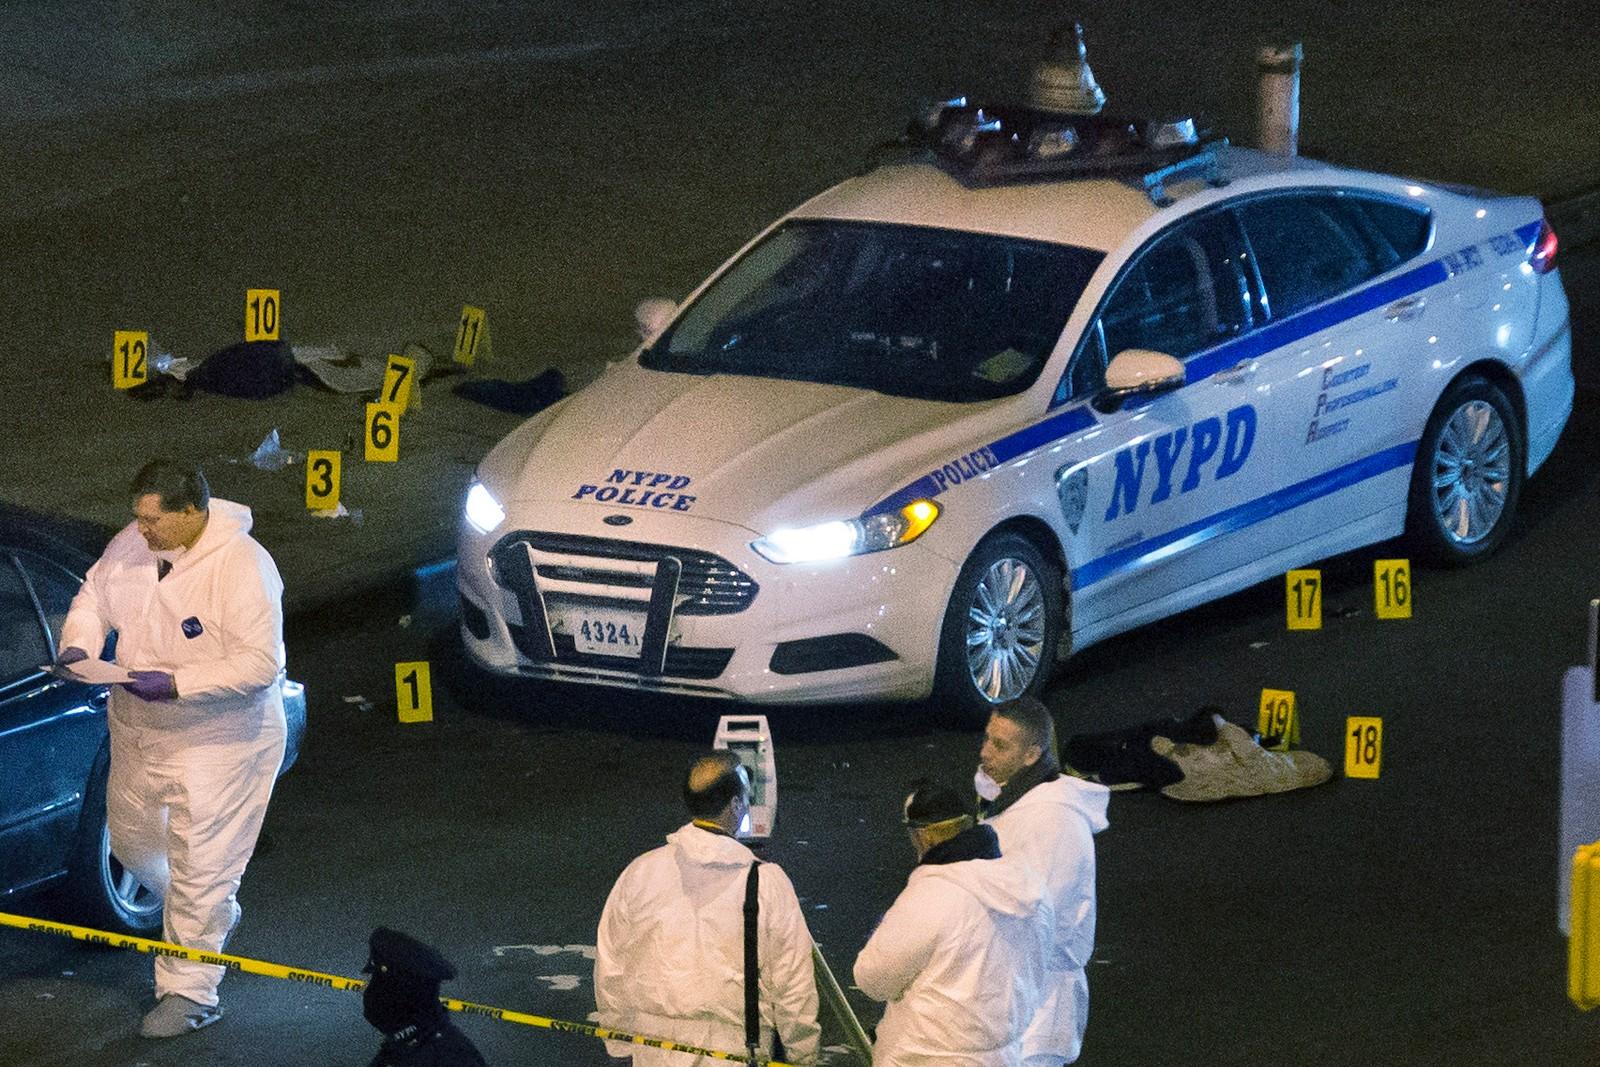 Skuddsikre vester ligger på bakken der to politimenn ble skutt og drept i New York. Etterforskere undersøker åstedet.